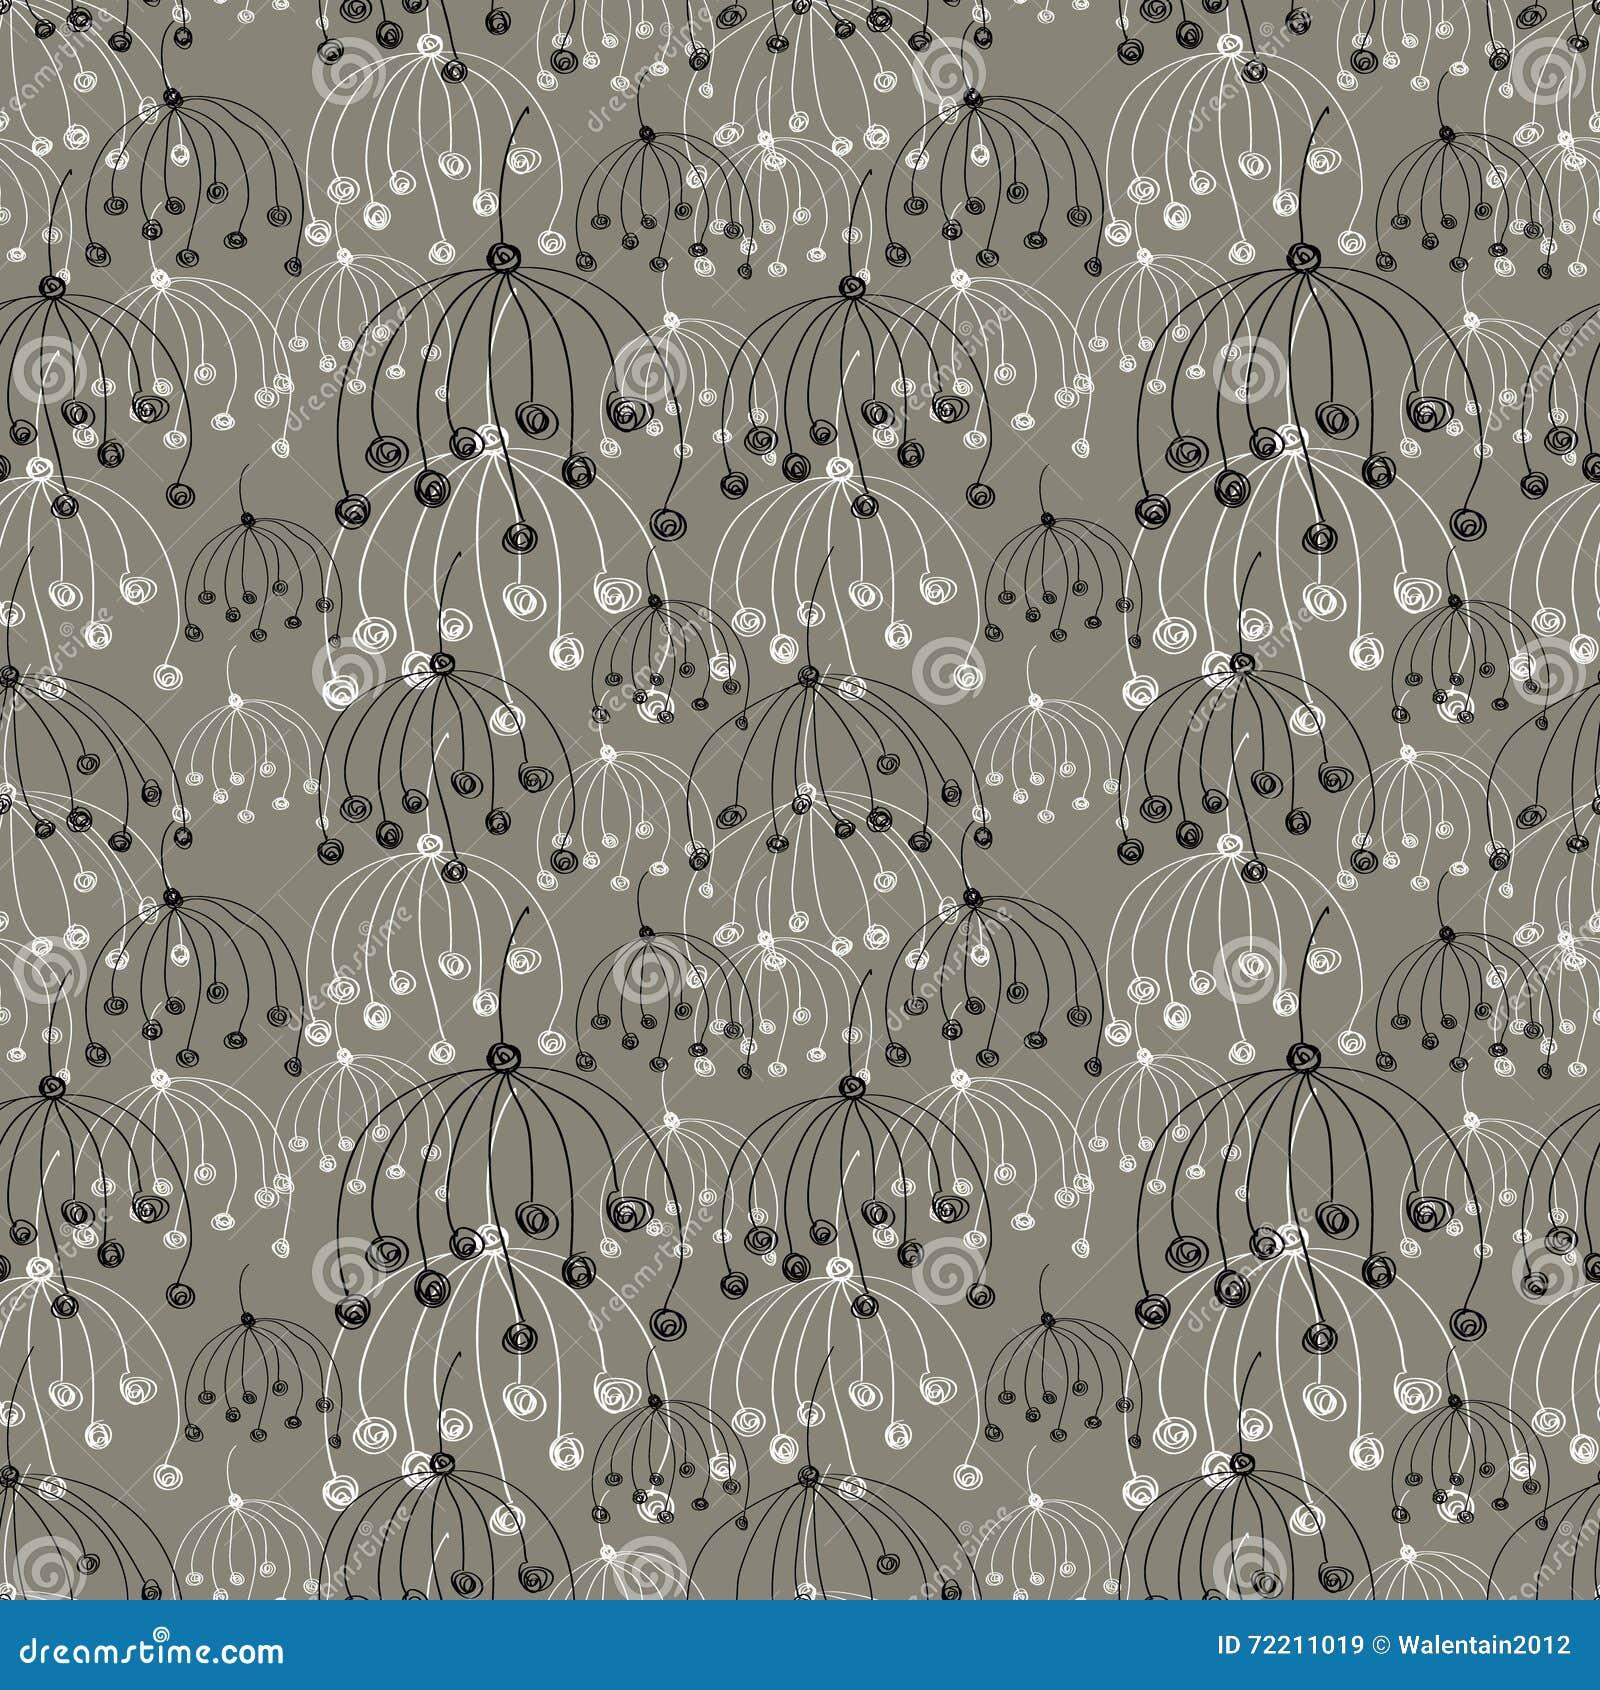 nahtloser vektorblumenmuster graue hand gezeichneter abstrakter hintergrund mit blumen vektor. Black Bedroom Furniture Sets. Home Design Ideas